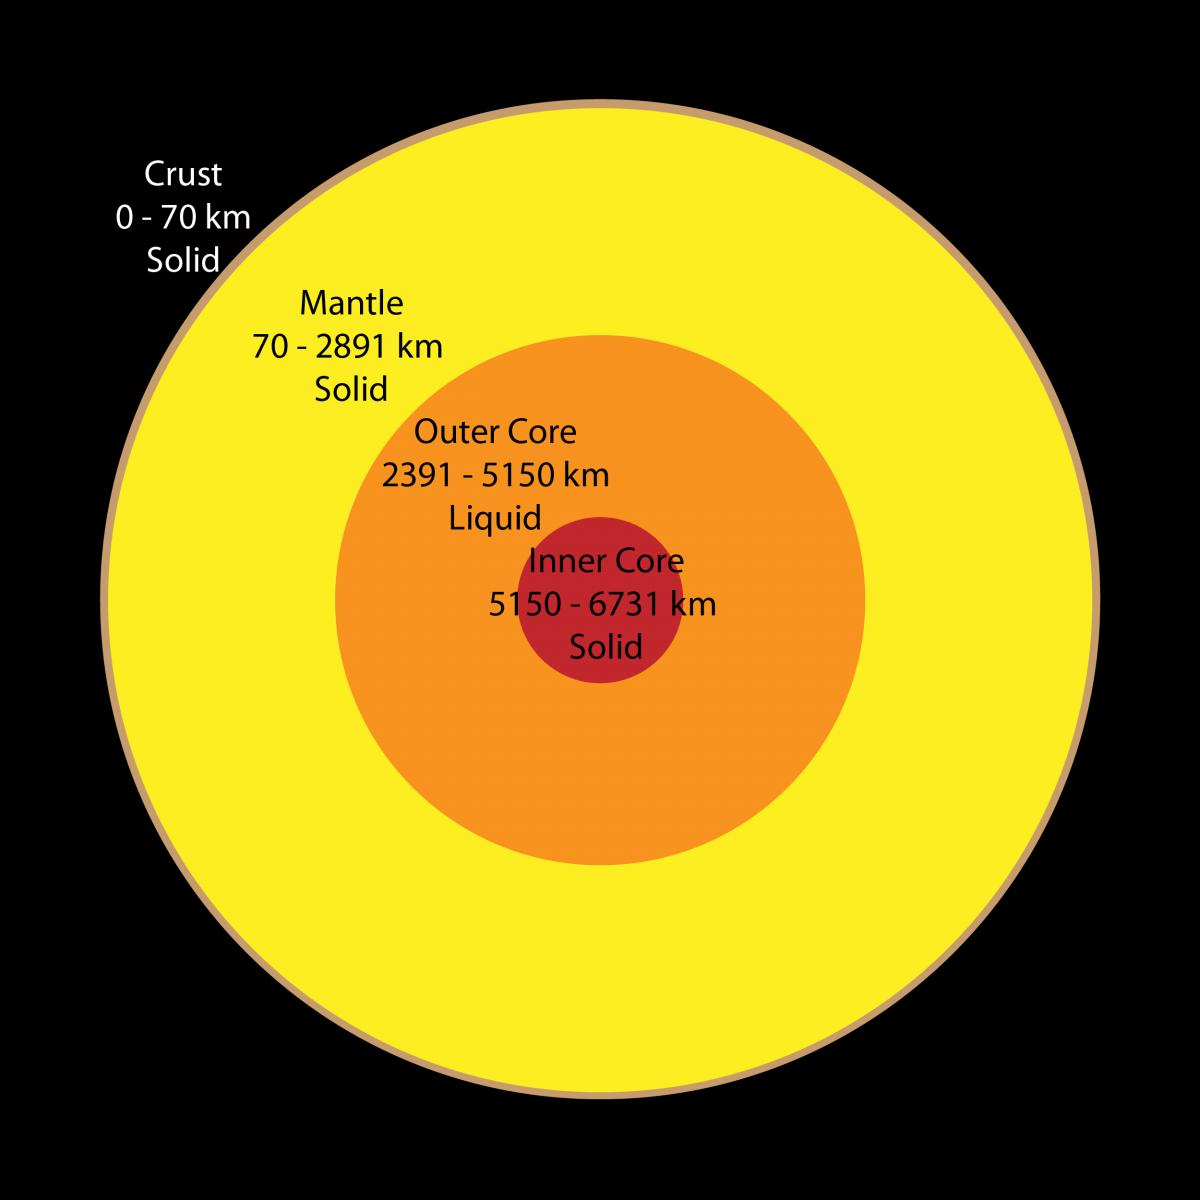 Dünya'nın boydan boya bir kesidi... Kabuk kısmı, dairenin en dışında kalan incecik kahverengimsi sarı olan renkle gösterilmiştir. Ayağınızı bastığınız yerin yaklaşık 70 kilometre altına kadar iner. Sonrasında 2891 kilometre derine kadar inen manto kısmı gelir. Manto aslen katıdır; ancak içerisinde magmanın sızdığı yarıklar bulunur. Sonrasında 5150 kilometre kadar derine inen Dış Çekirdek gelir. Nihayetindeyse yerin 6731 kilometre derinine kadar inen İç Çekirdek'e ulaşırız. Görülebileceği gibi üzerinde durduğumuz manto, gezegenin toplam derinliğinin sadece %1.03'ü kadardır.